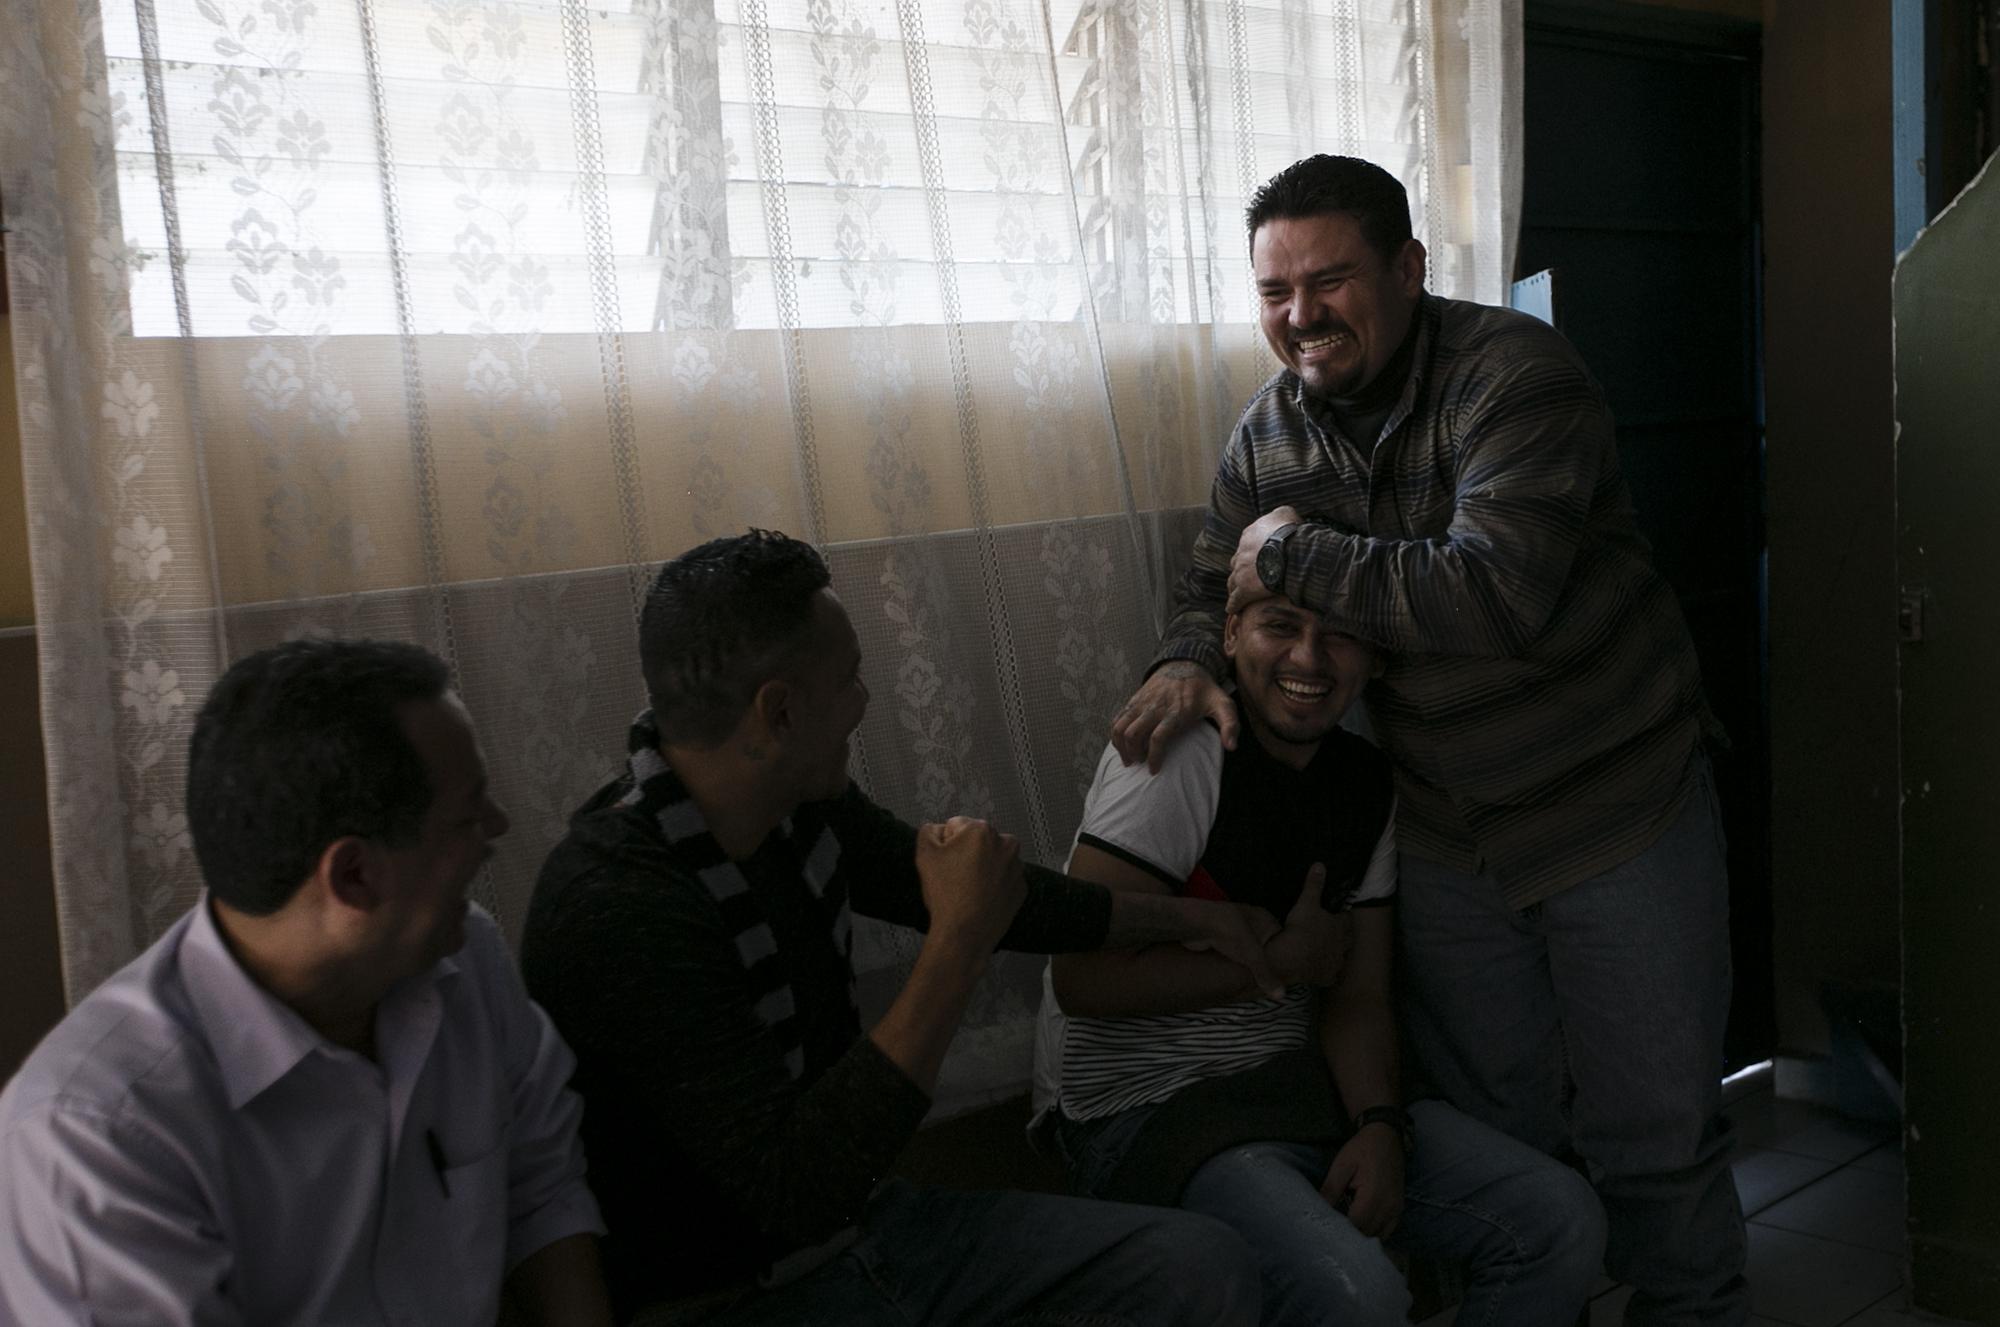 Carlos Montano entra al lugar con el desconcierto en la cara, sin saber qué decir ante la fiesta que se ha organizado en su honor: no le alcanzan los brazos para abrazar ni los saludos ni la sonrisa. Foto: Fred Ramos